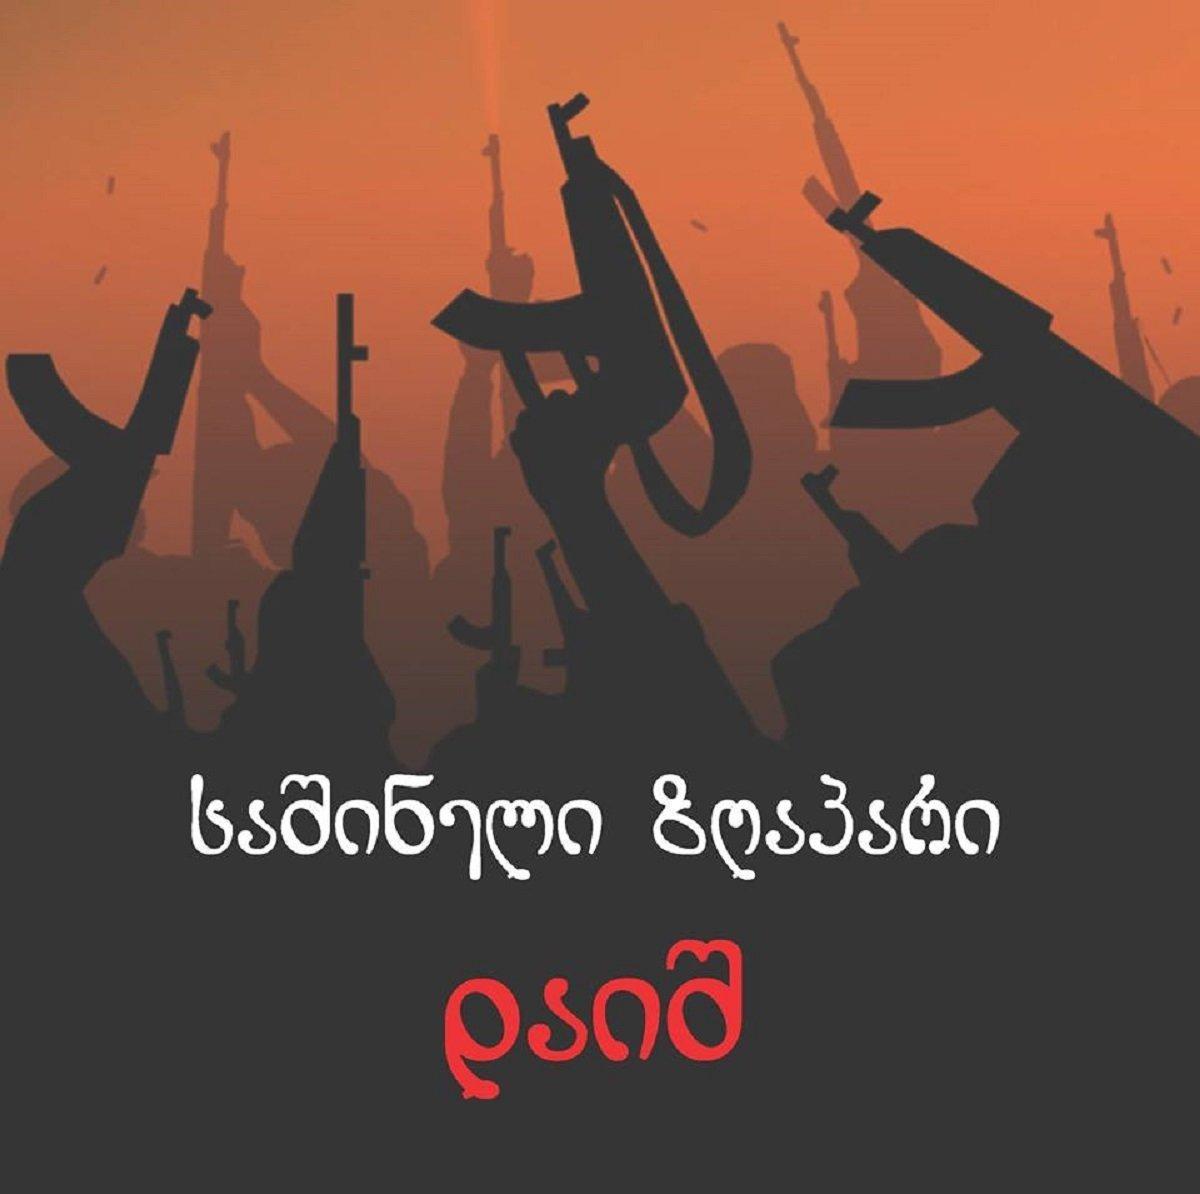 Обложка книги Страшная сказка ДАИШ на грузинском языке